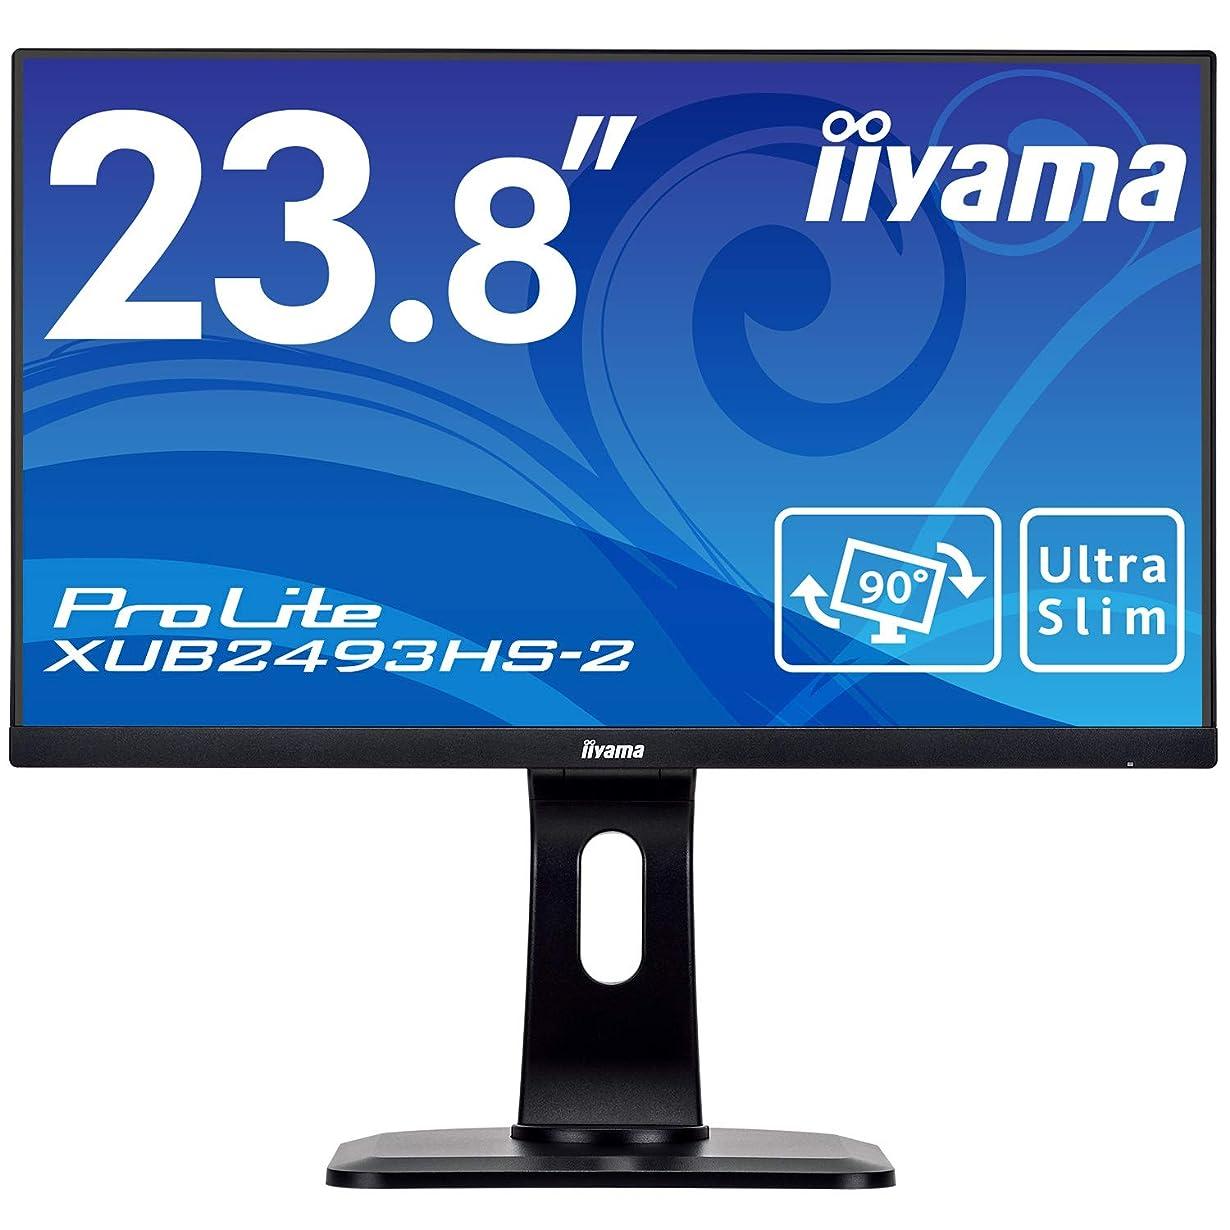 ジャングル女優欠伸iiyama モニター ディスプレイ (23.8型/フルHD/IPS方式ノングレア/狭額縁/昇降機能/スィーベル左右45°/DP,HDMI,D-sub/3年保証) XUB2493HS-B2